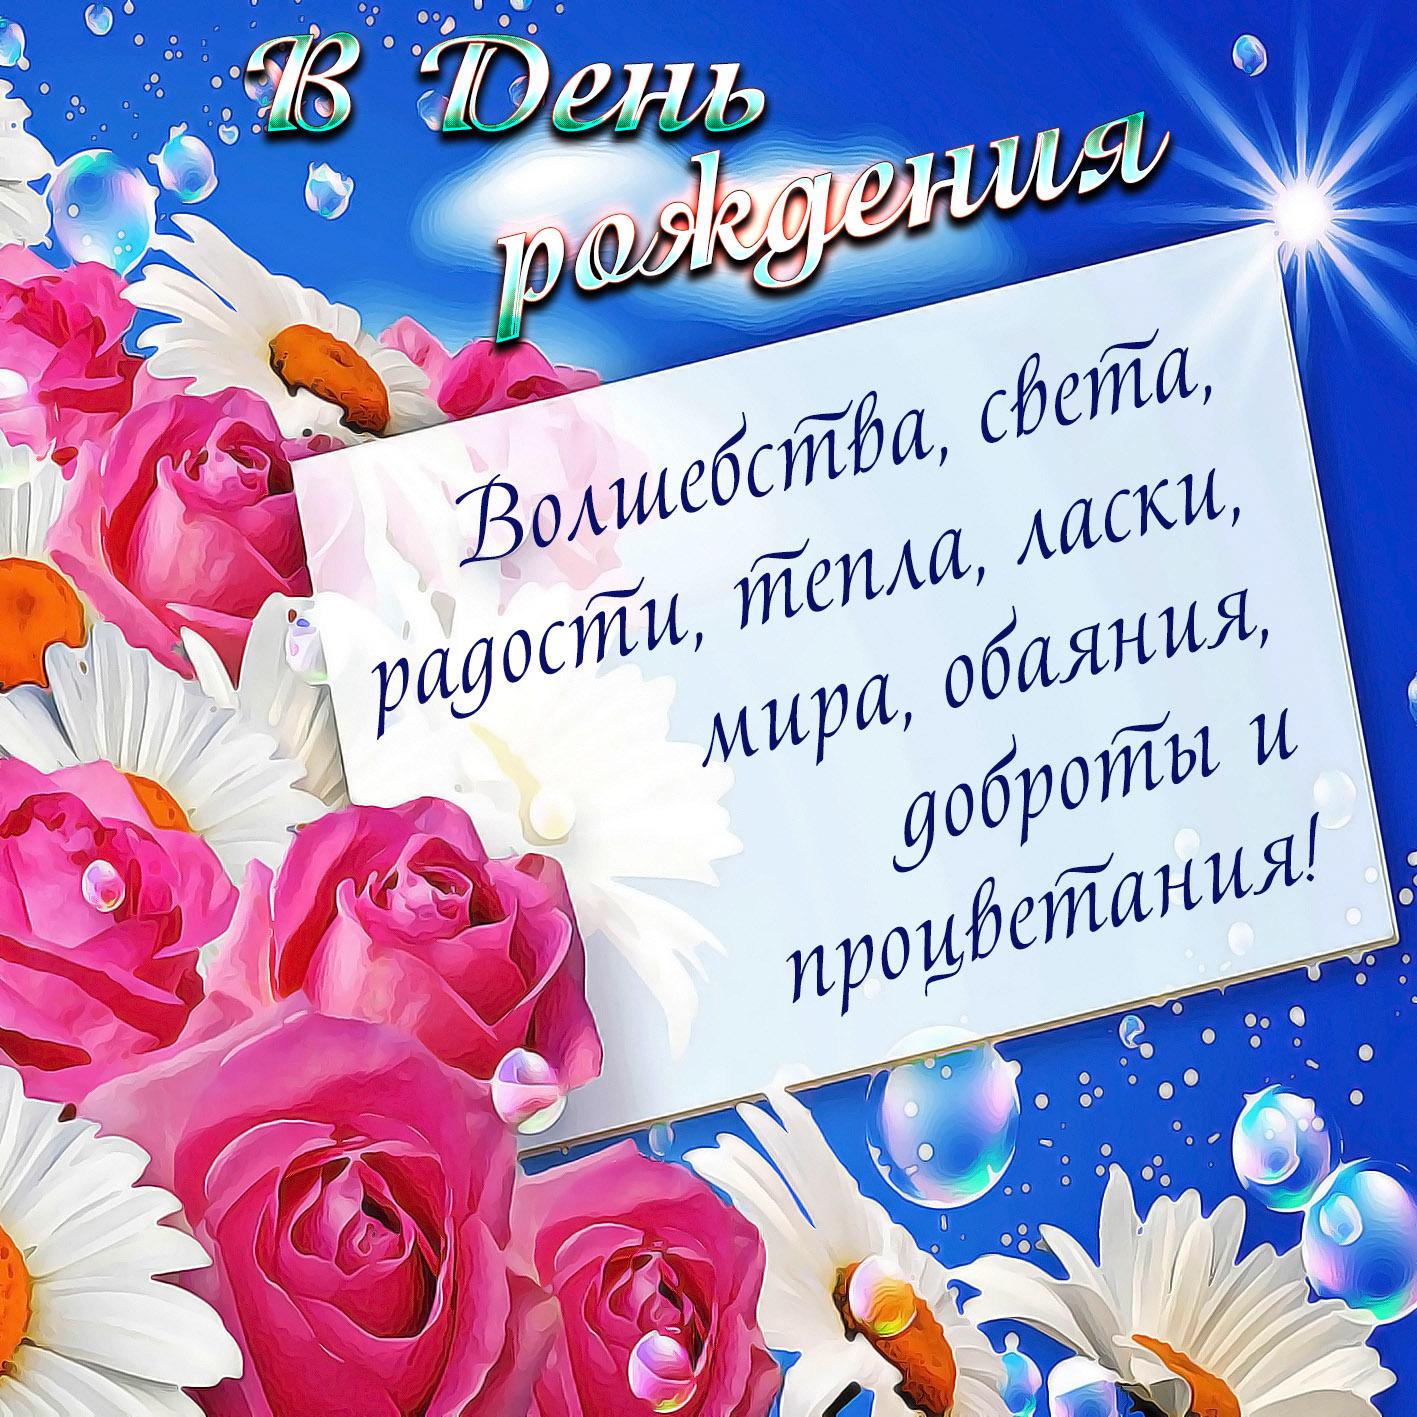 krasivye-otkrytki-c-dnem-rozhdeniya-dlya